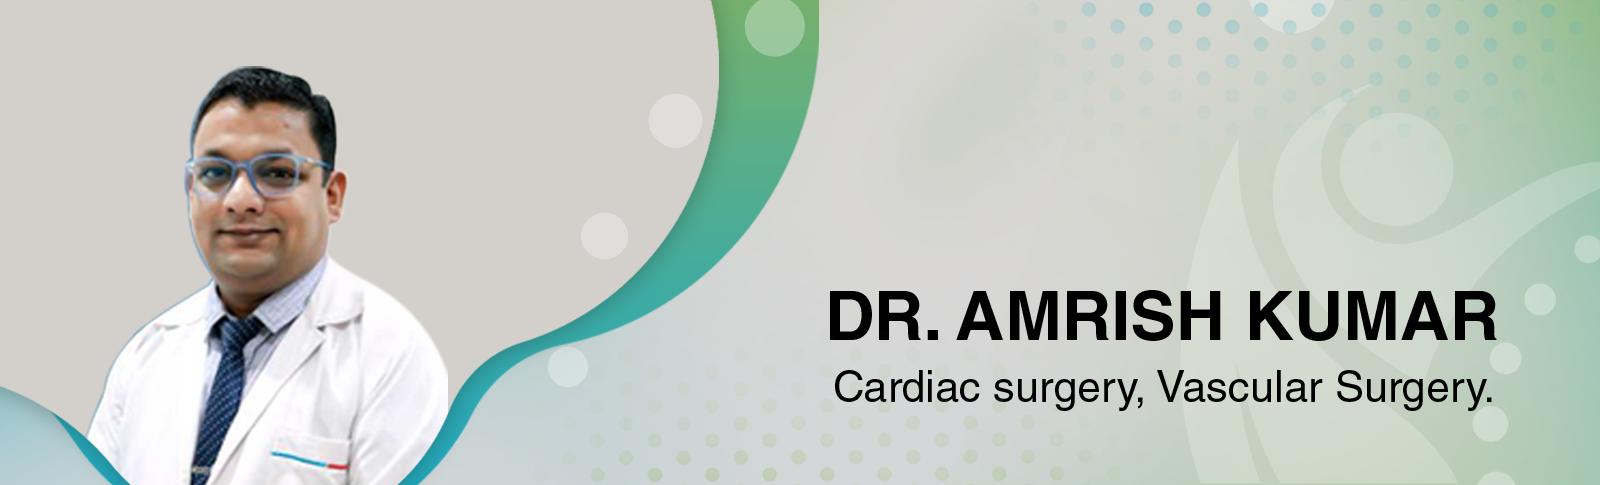 Dr. Amrish Kumar